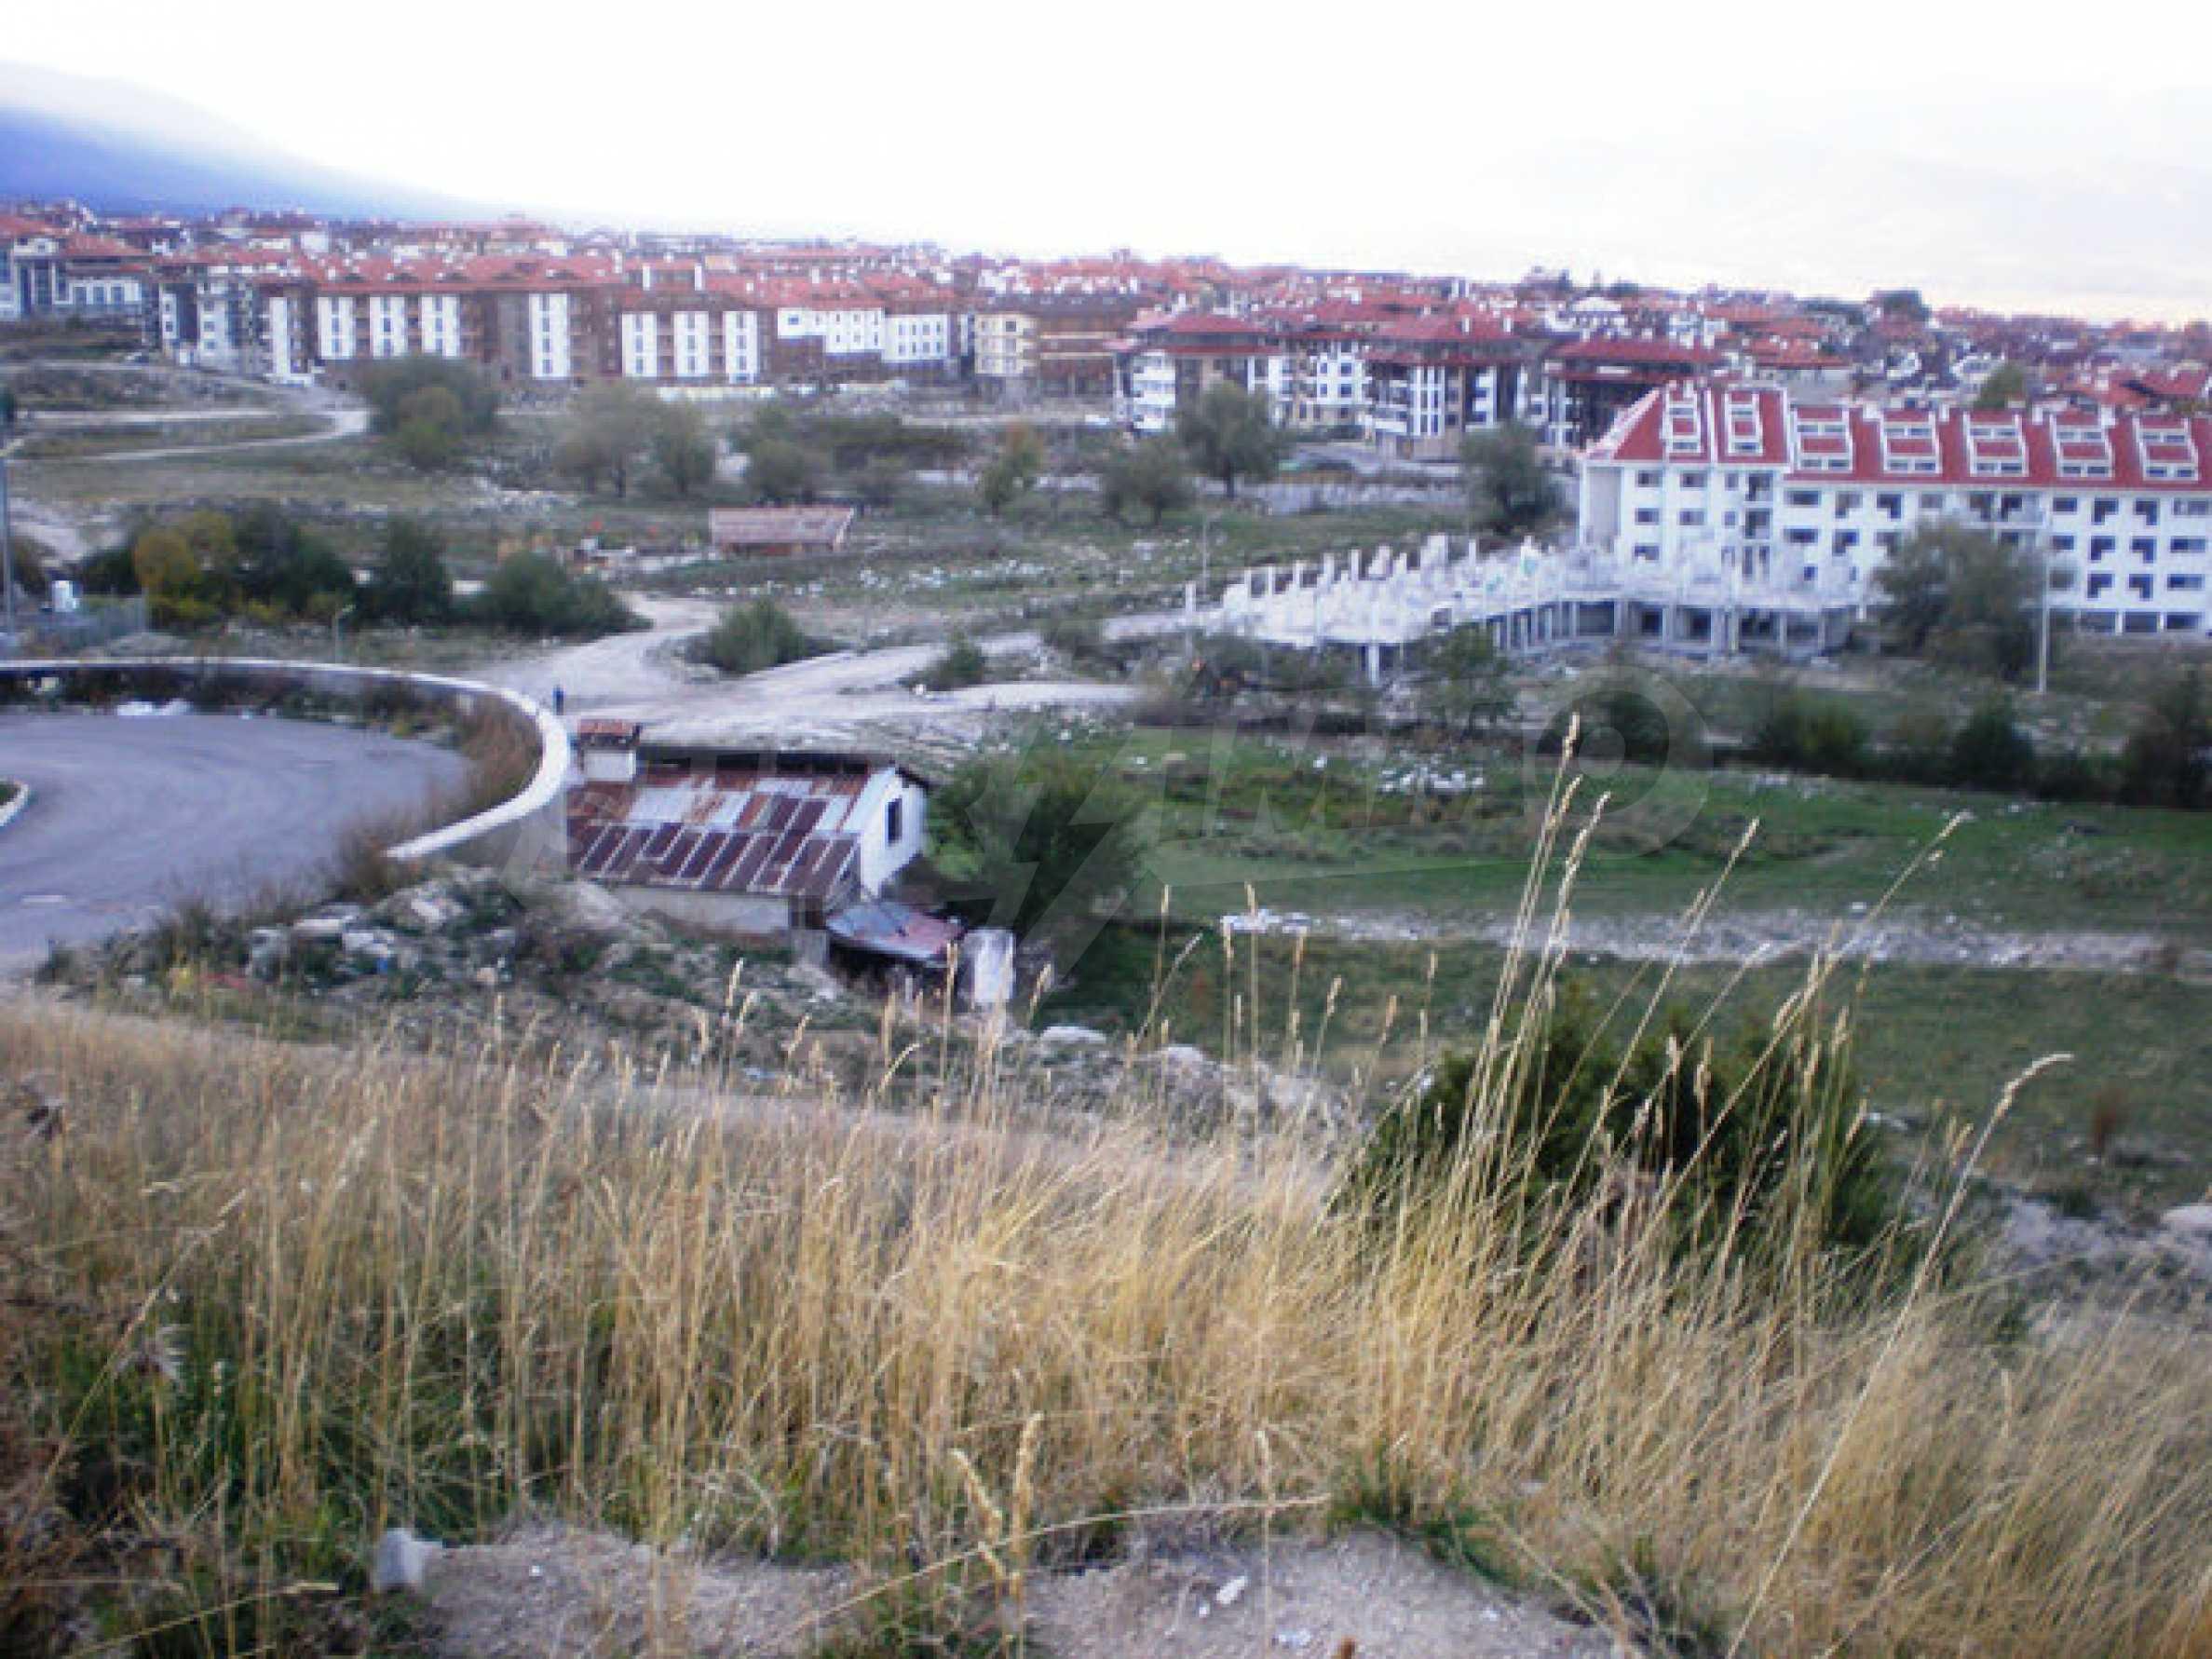 Geregeltes Grundstück mit Investitionsprojekt für den Bau eines Aparthotels in Bansko 7